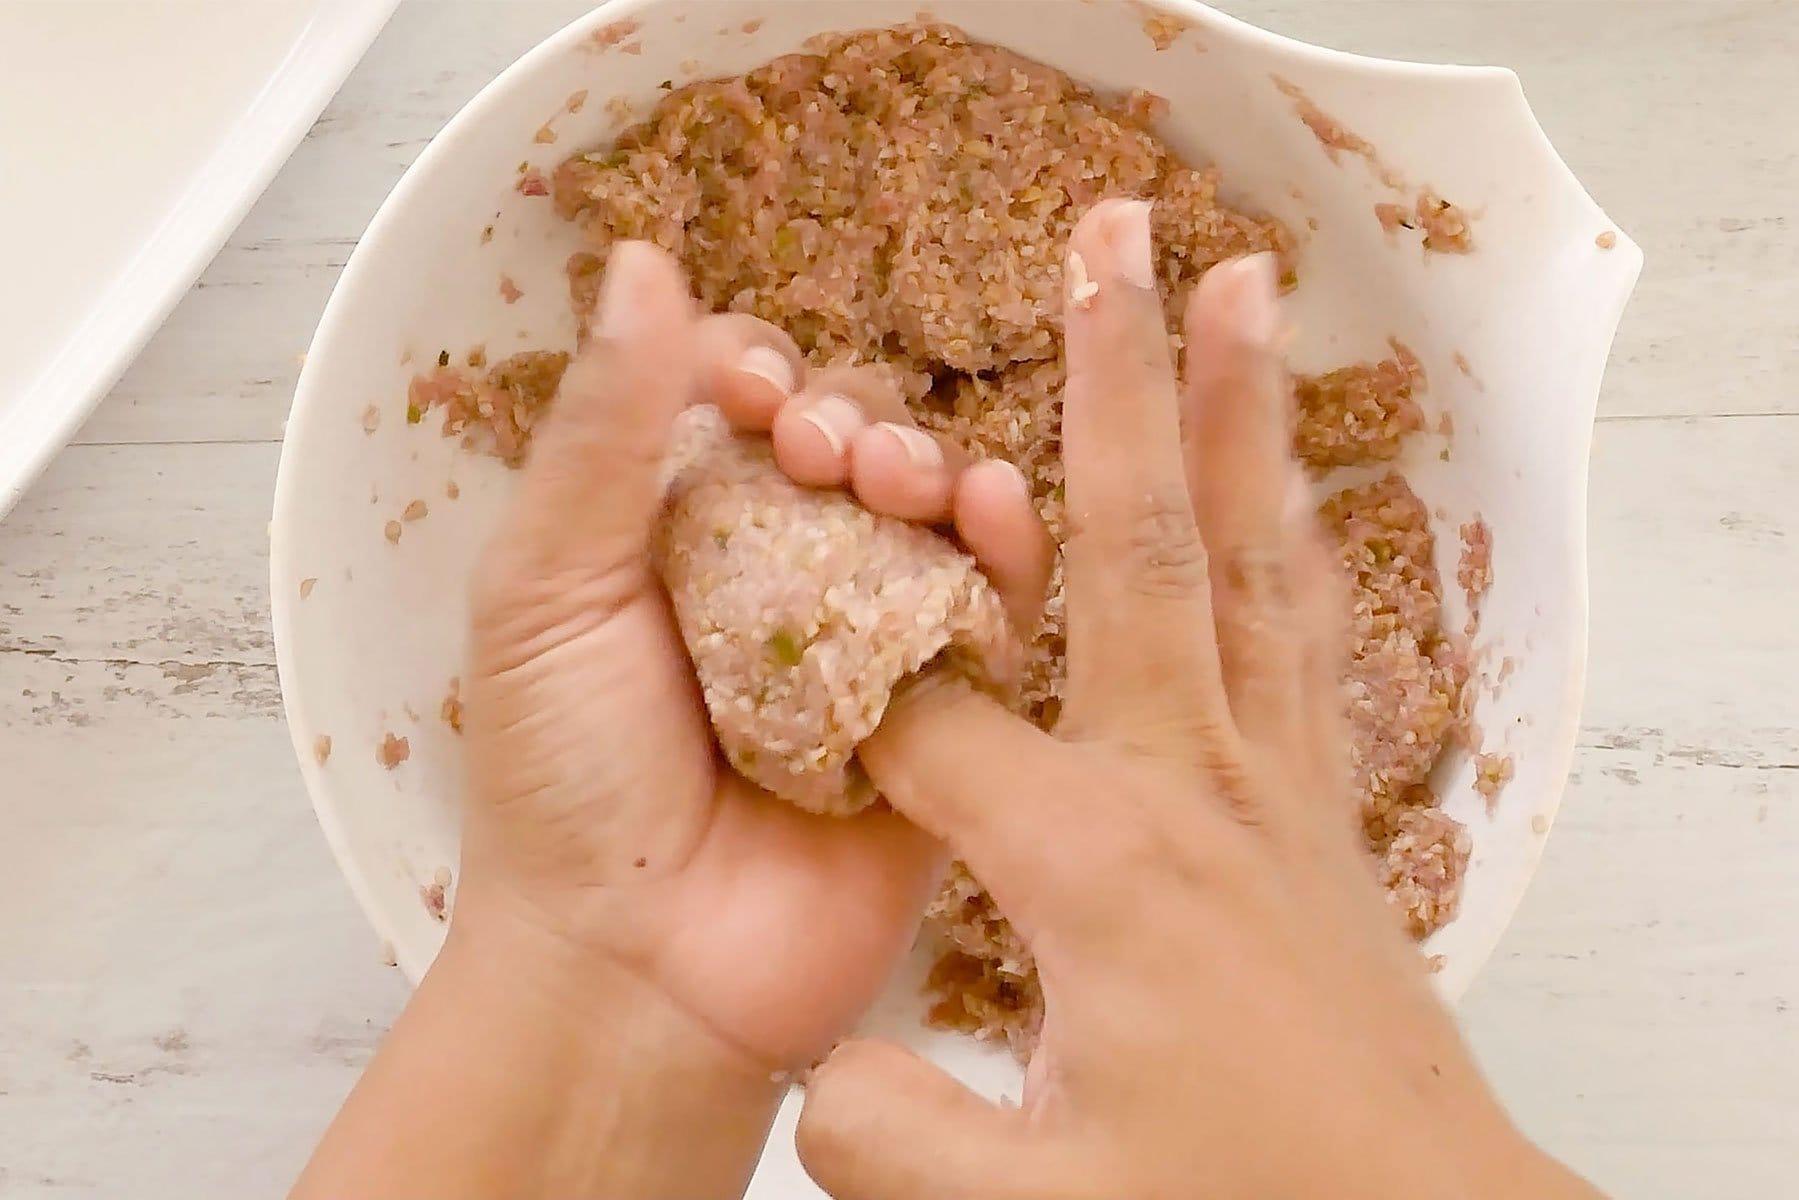 Haciendo hoyo en el kipe con un dedo